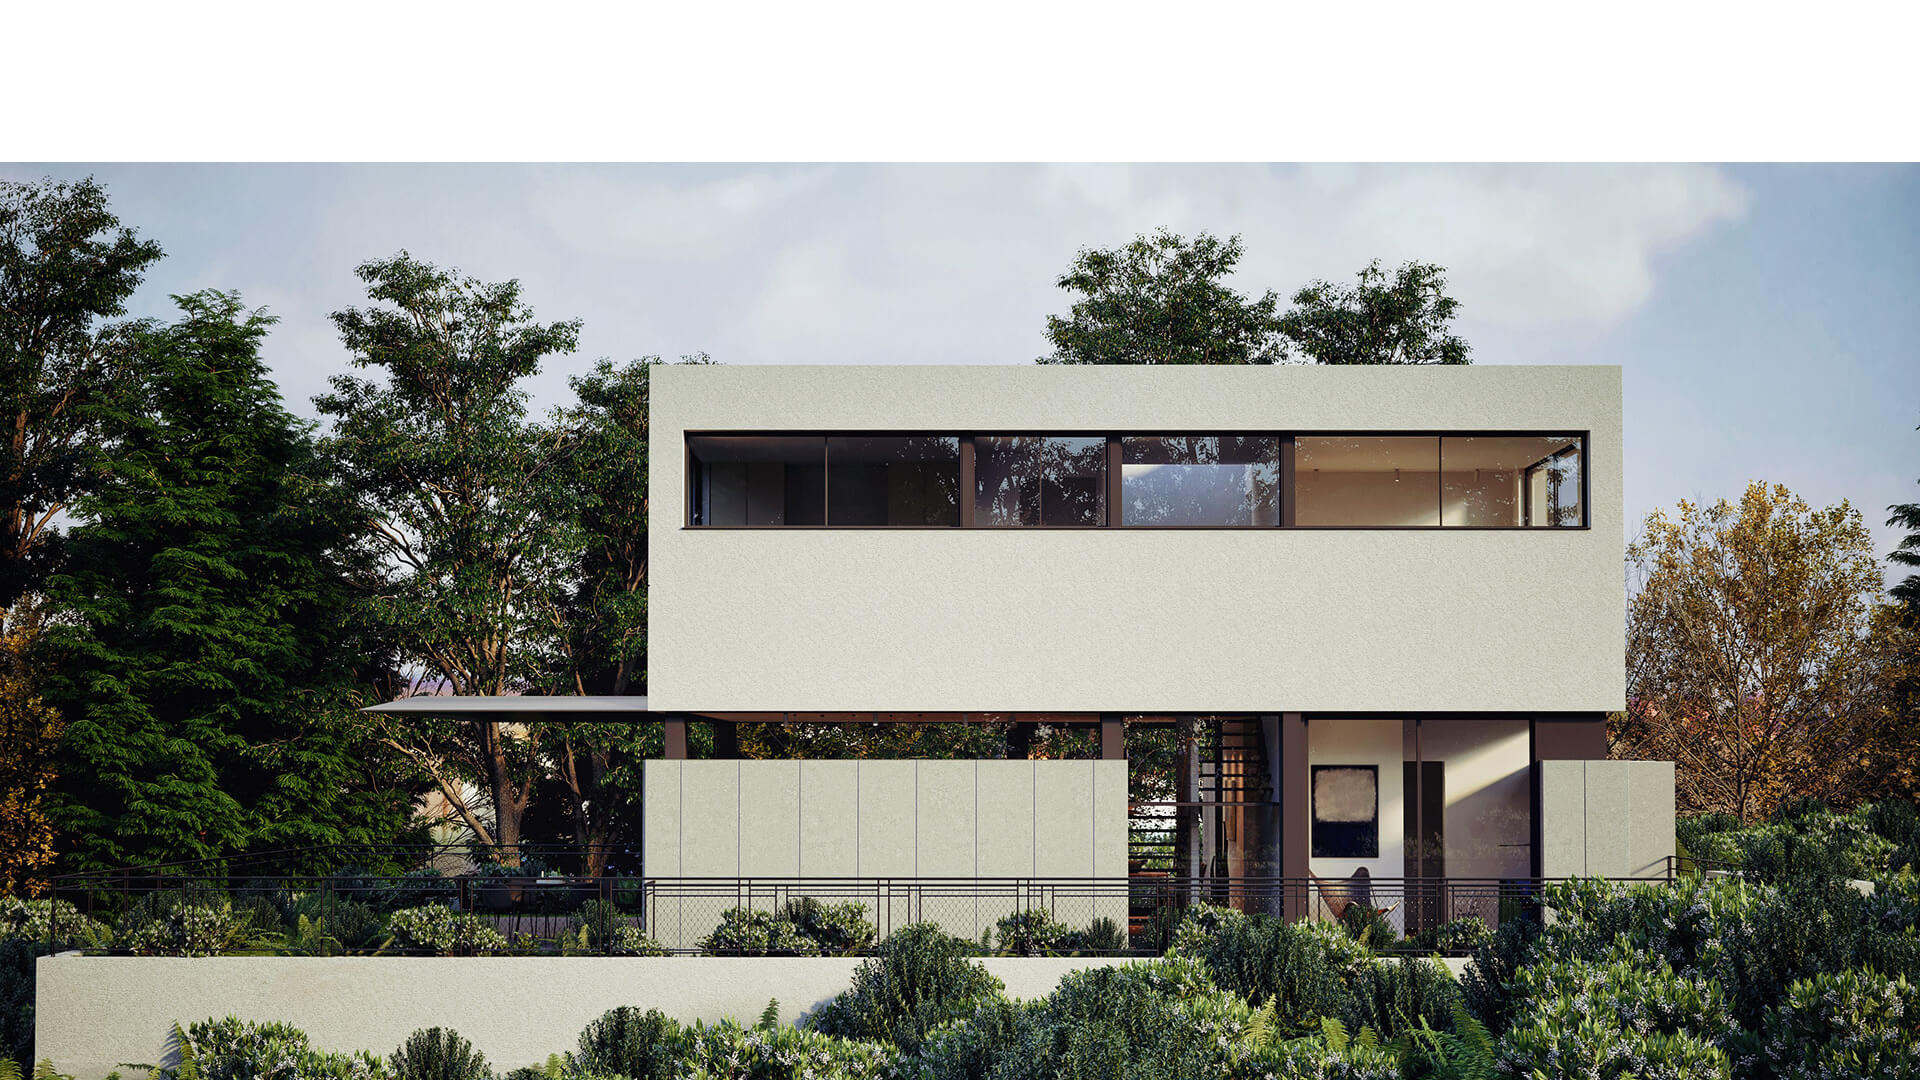 biệt thự đẹp phong cách hiện đại 19